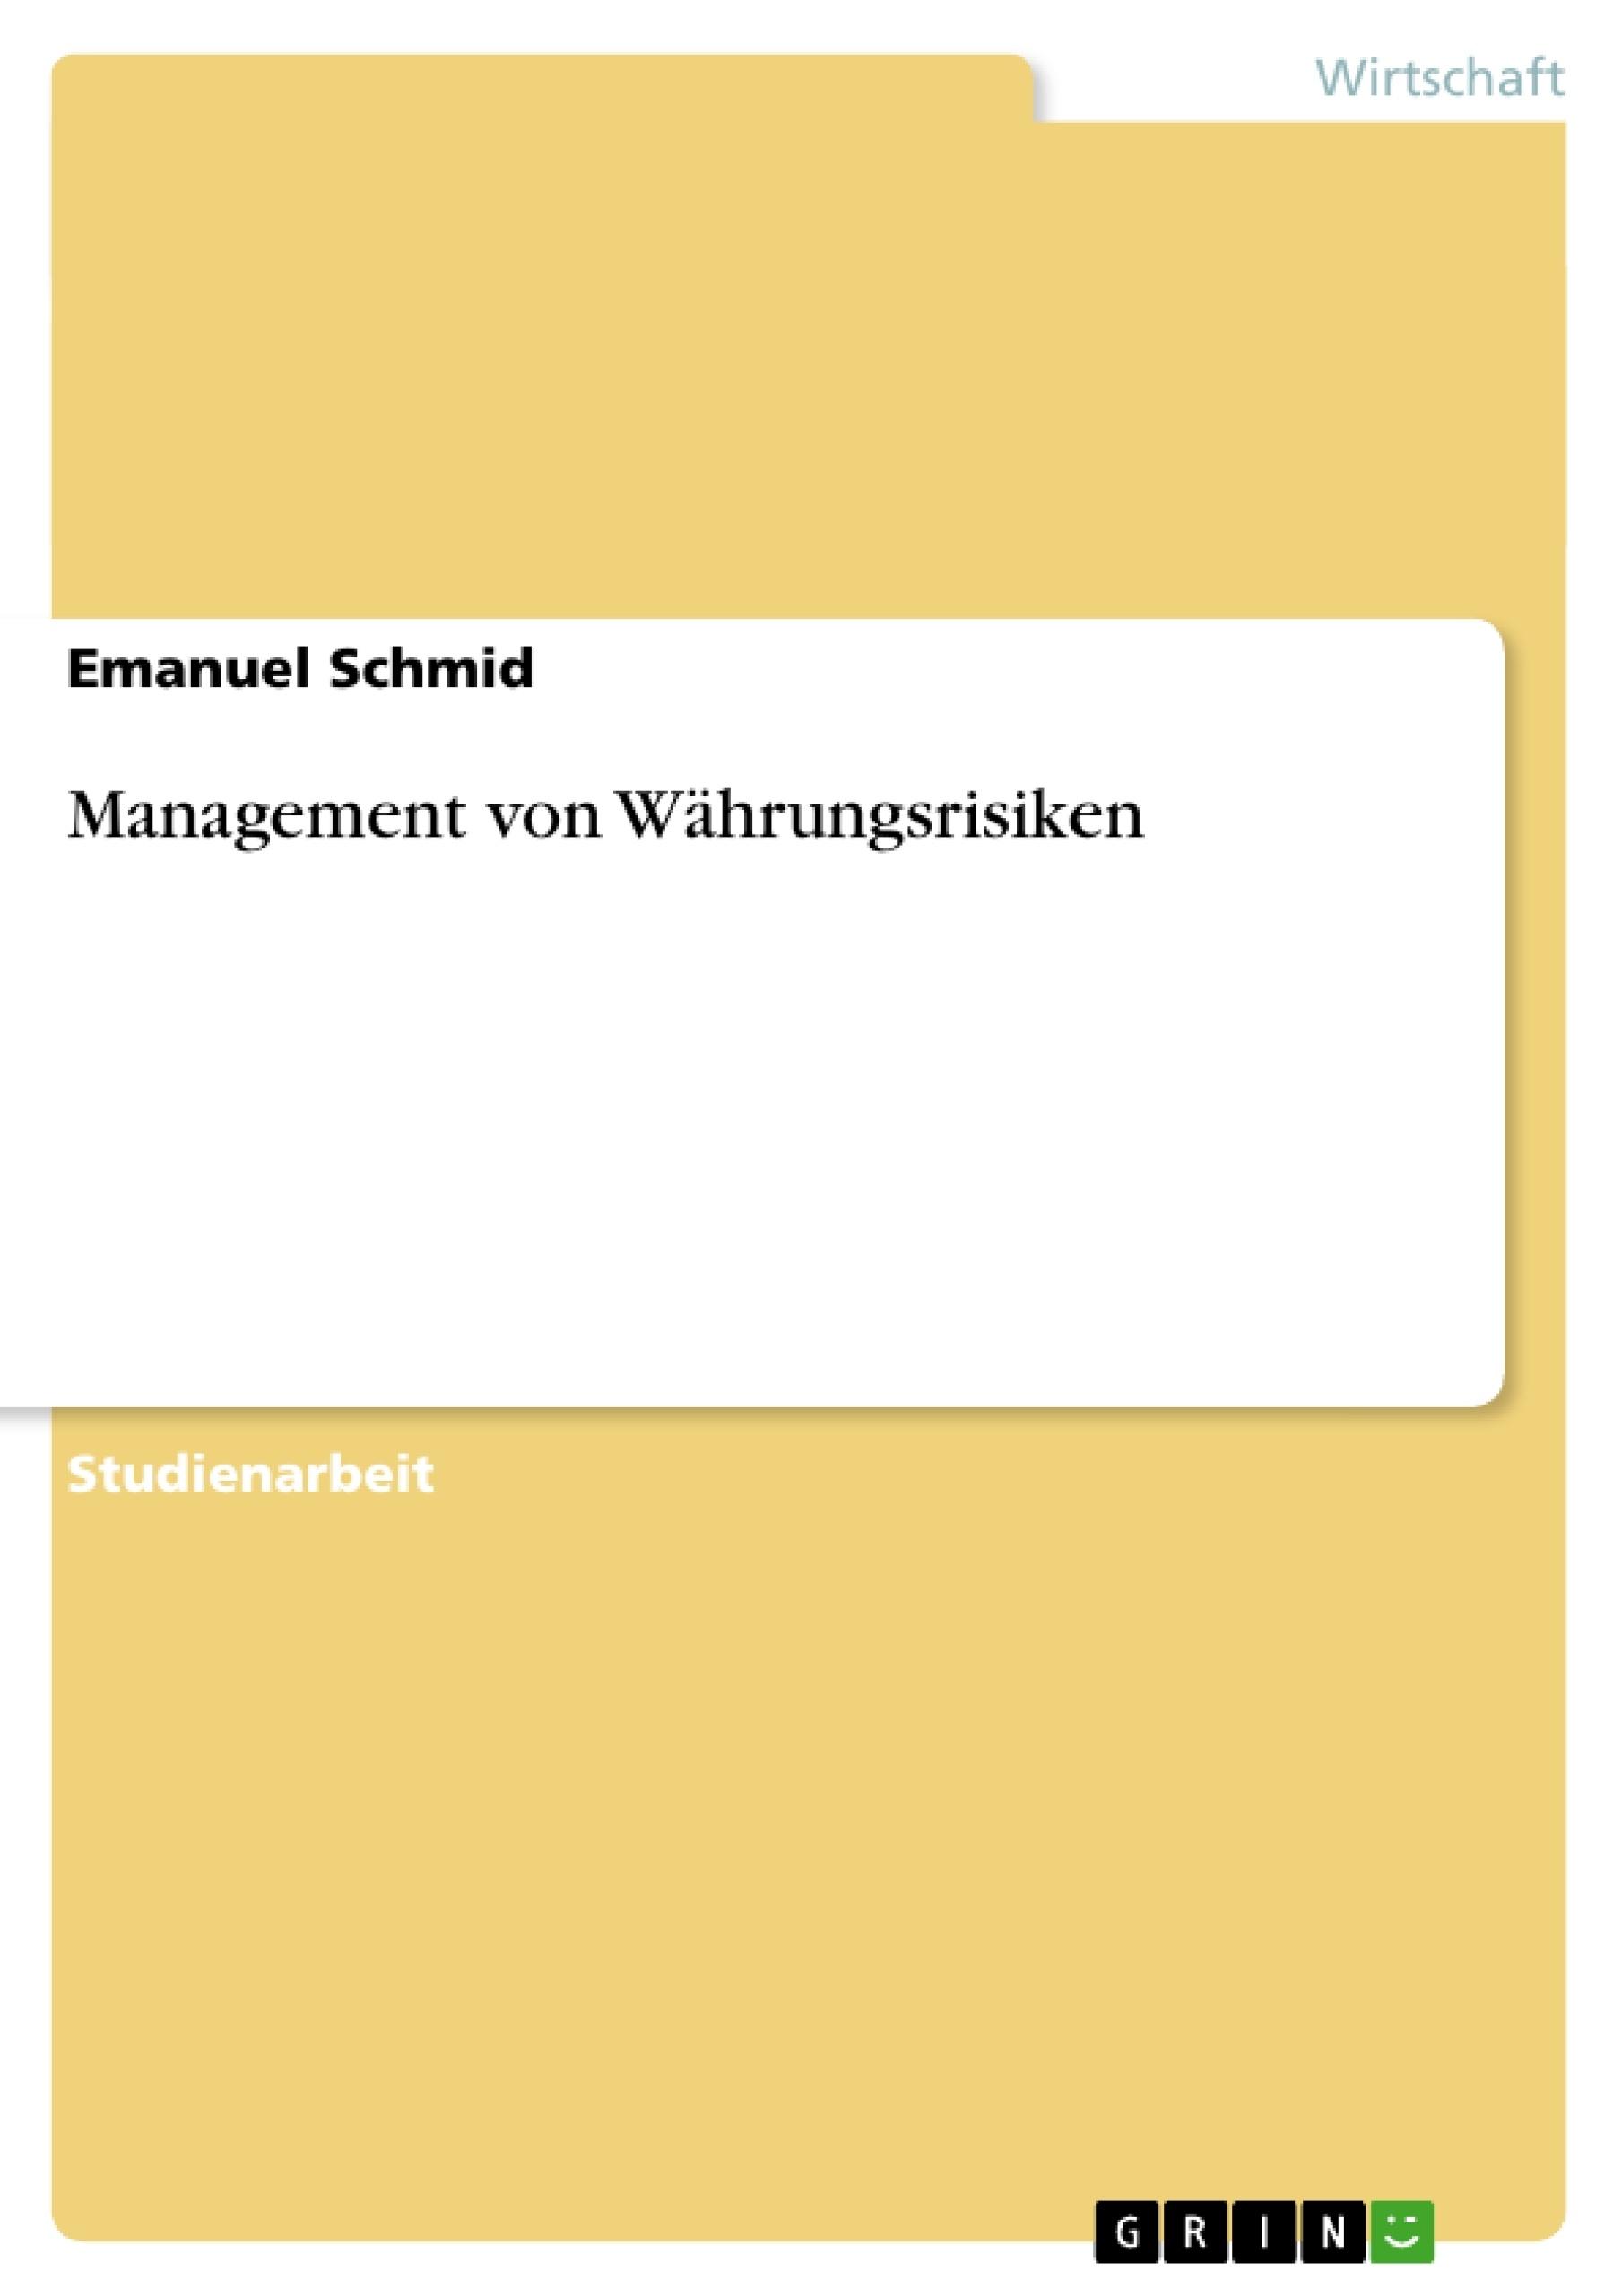 Titel: Management von Währungsrisiken